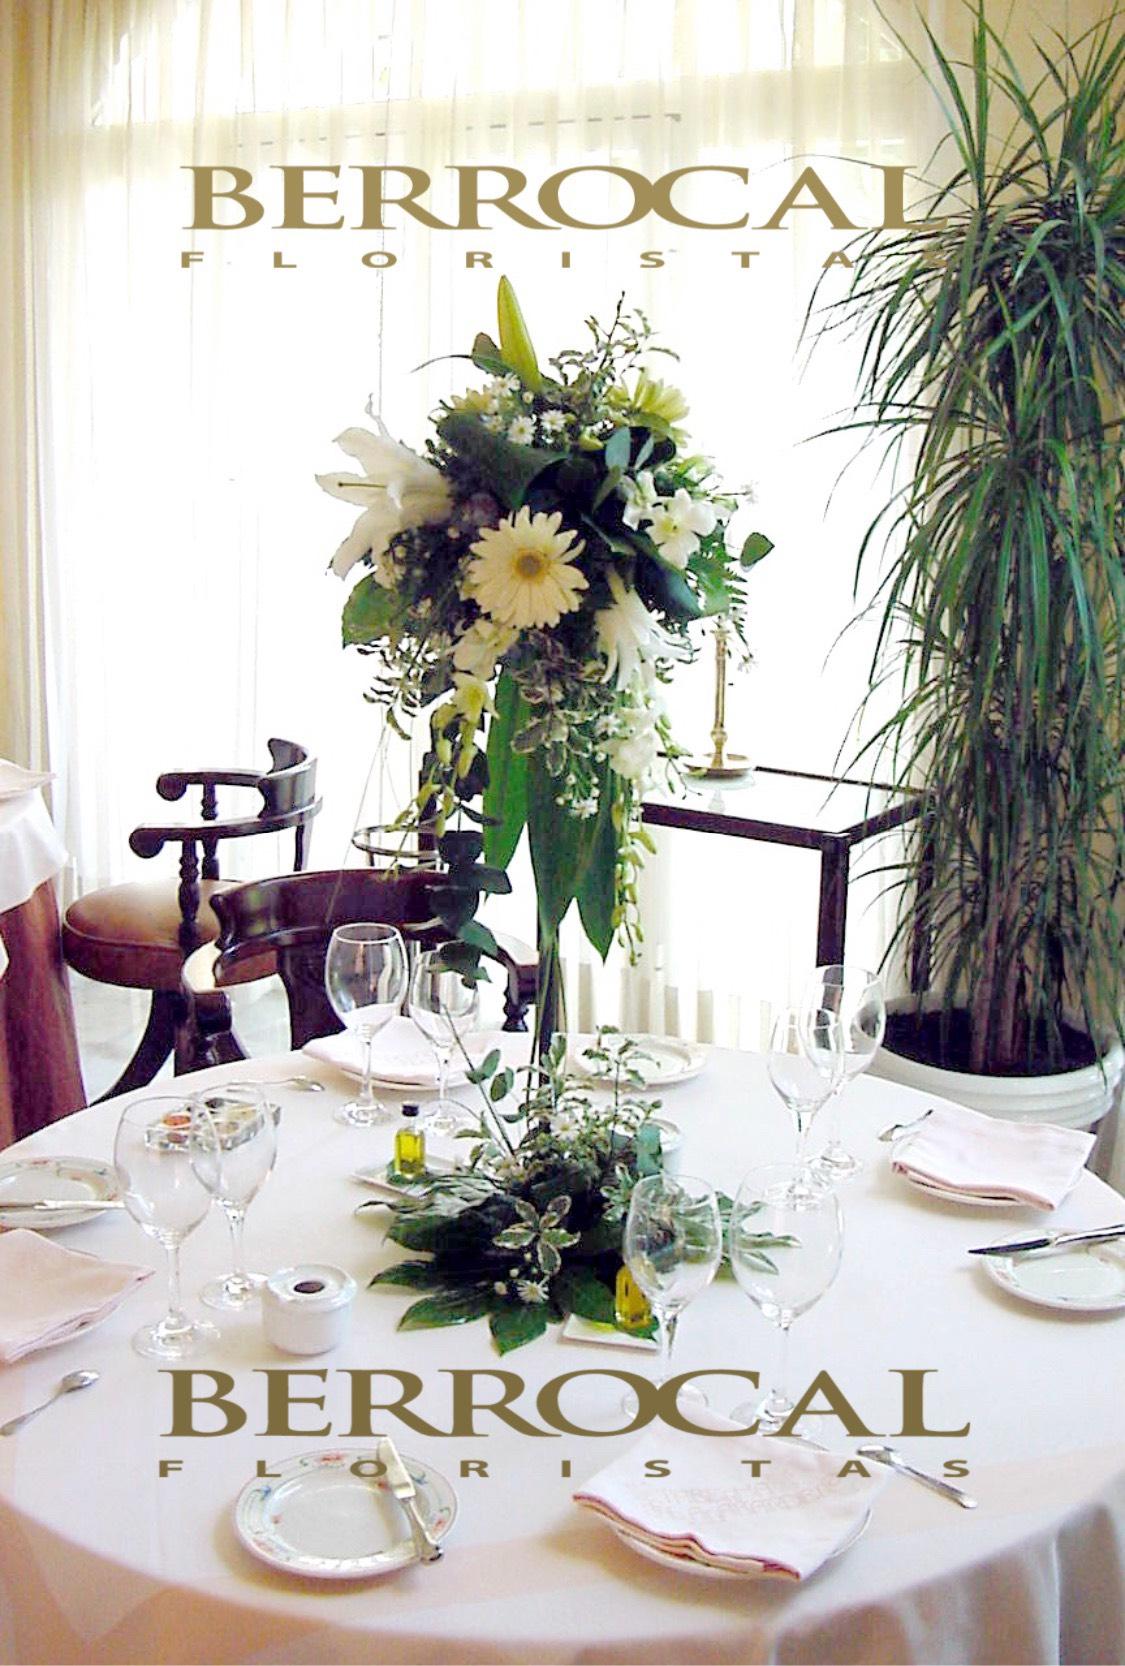 Centro de mesa bajo, blanco.  Velas especiales. Longiflorum. Margarita. Orquídea Dendrobium. Crisantemos bola.  Verdes, hojas de Aralia. Grass